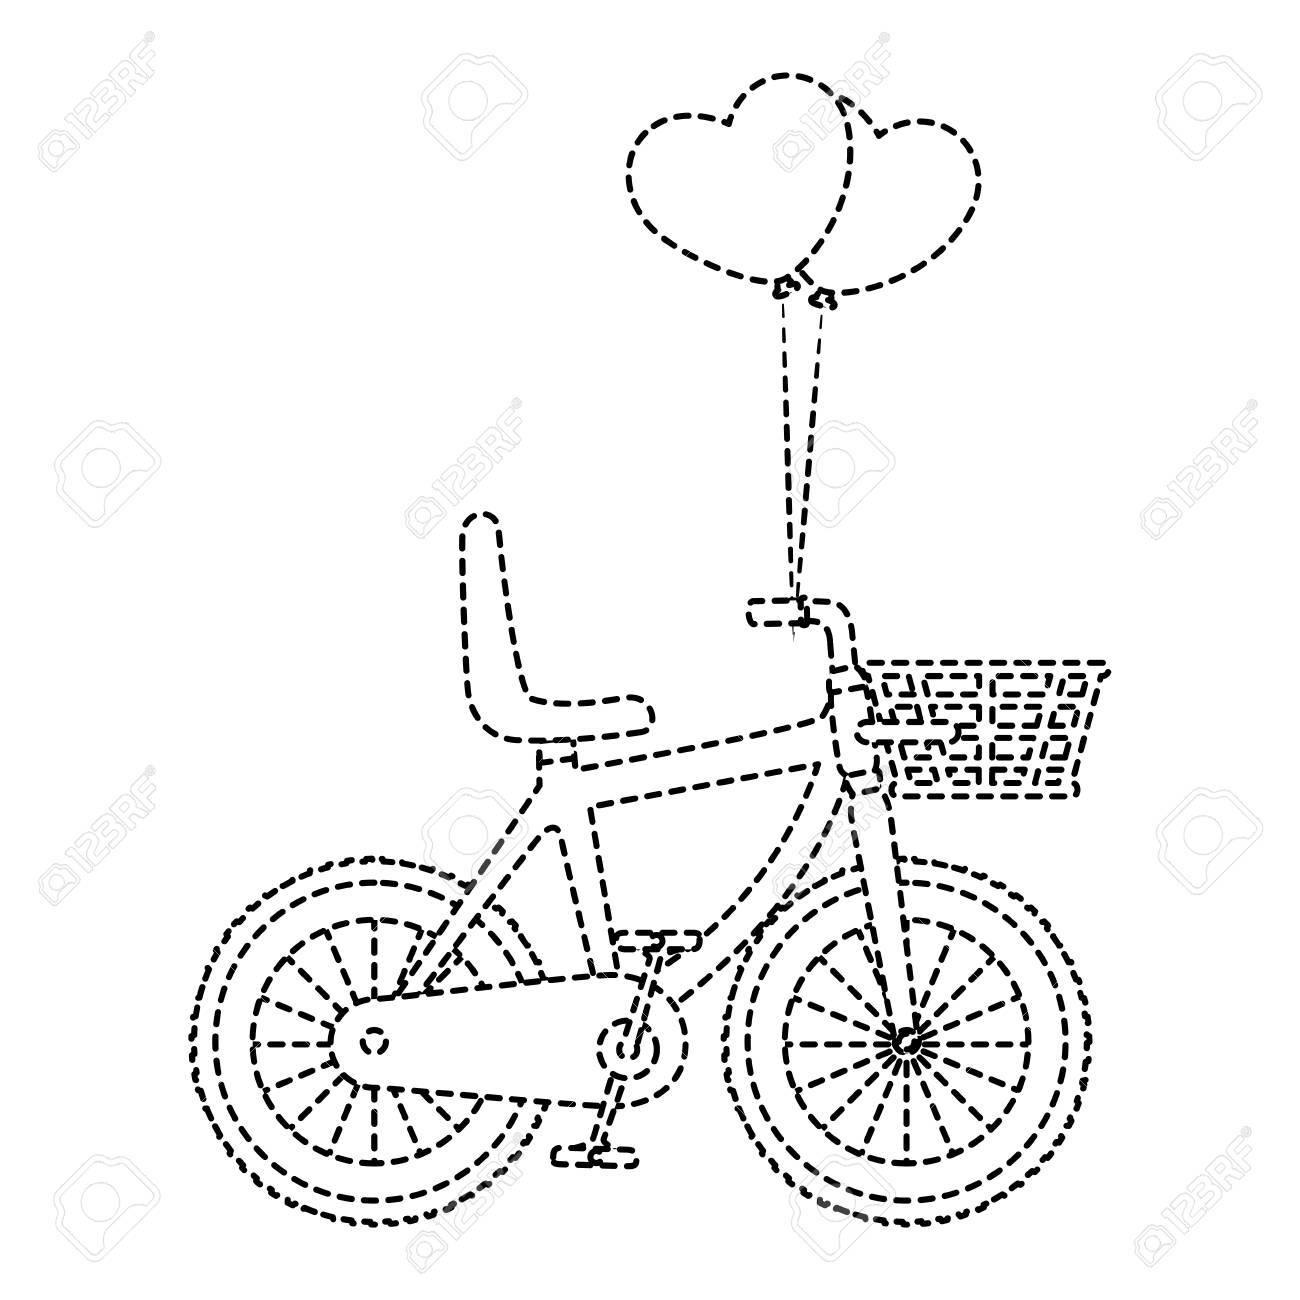 バスケット ベクトル イラスト デザインでかわいい自転車のイラスト素材